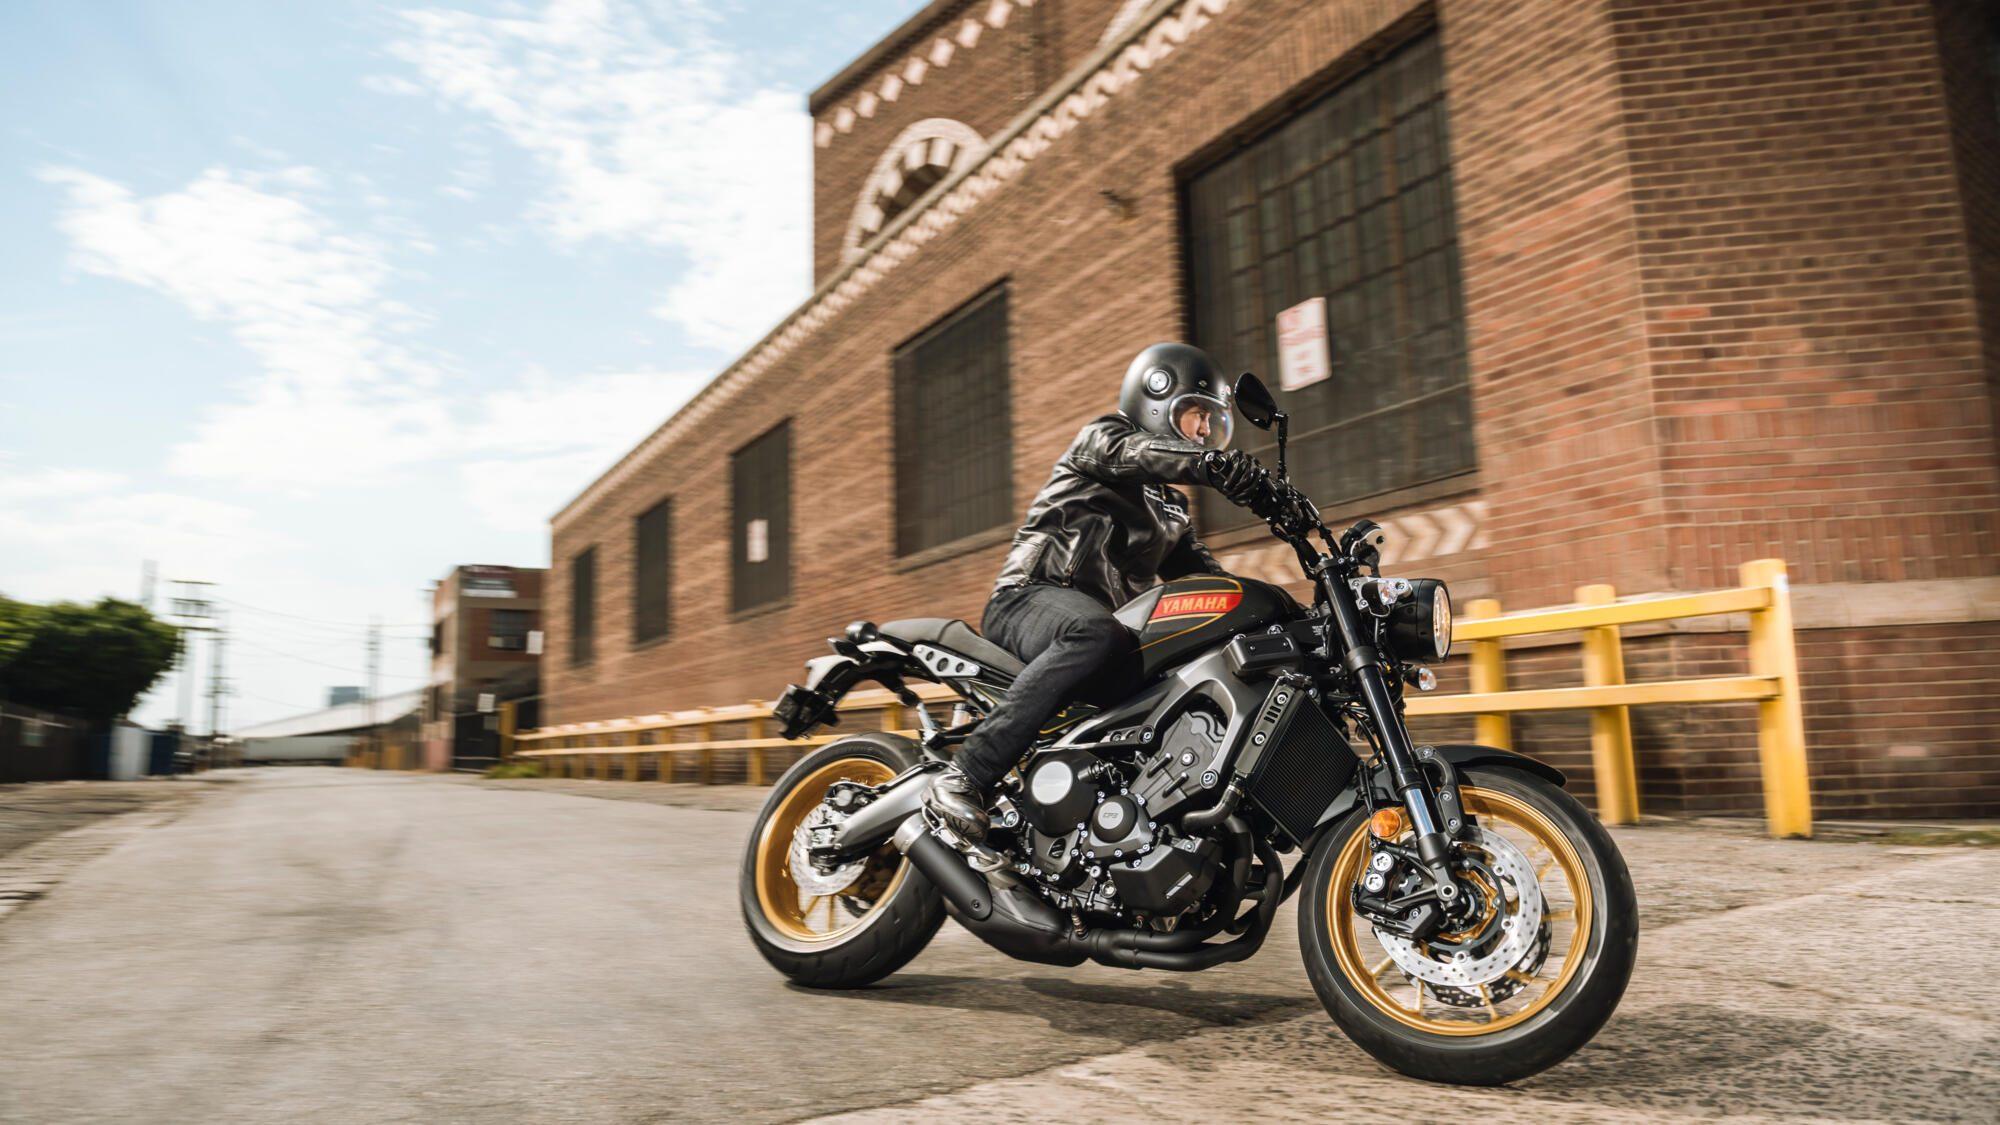 2020-Yamaha-XS850-EU-80_Black-Action-001-03